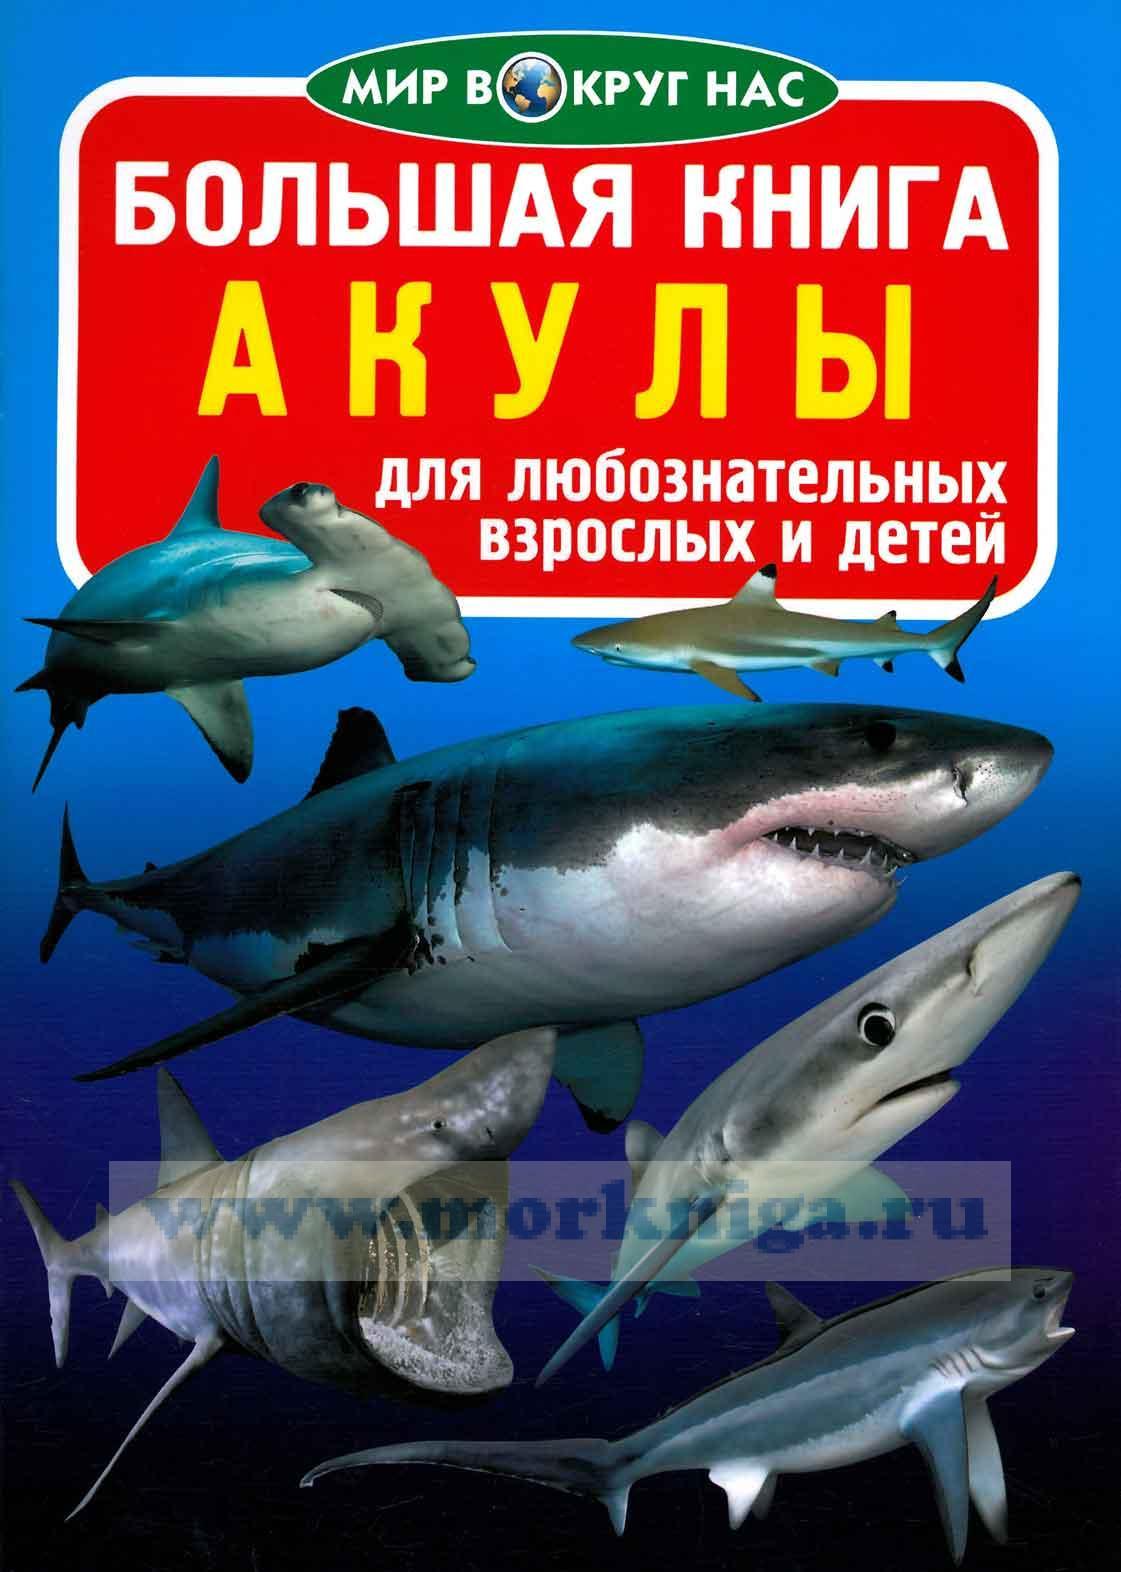 Большая книга. Акулы (для любознательных взрослых и детей)